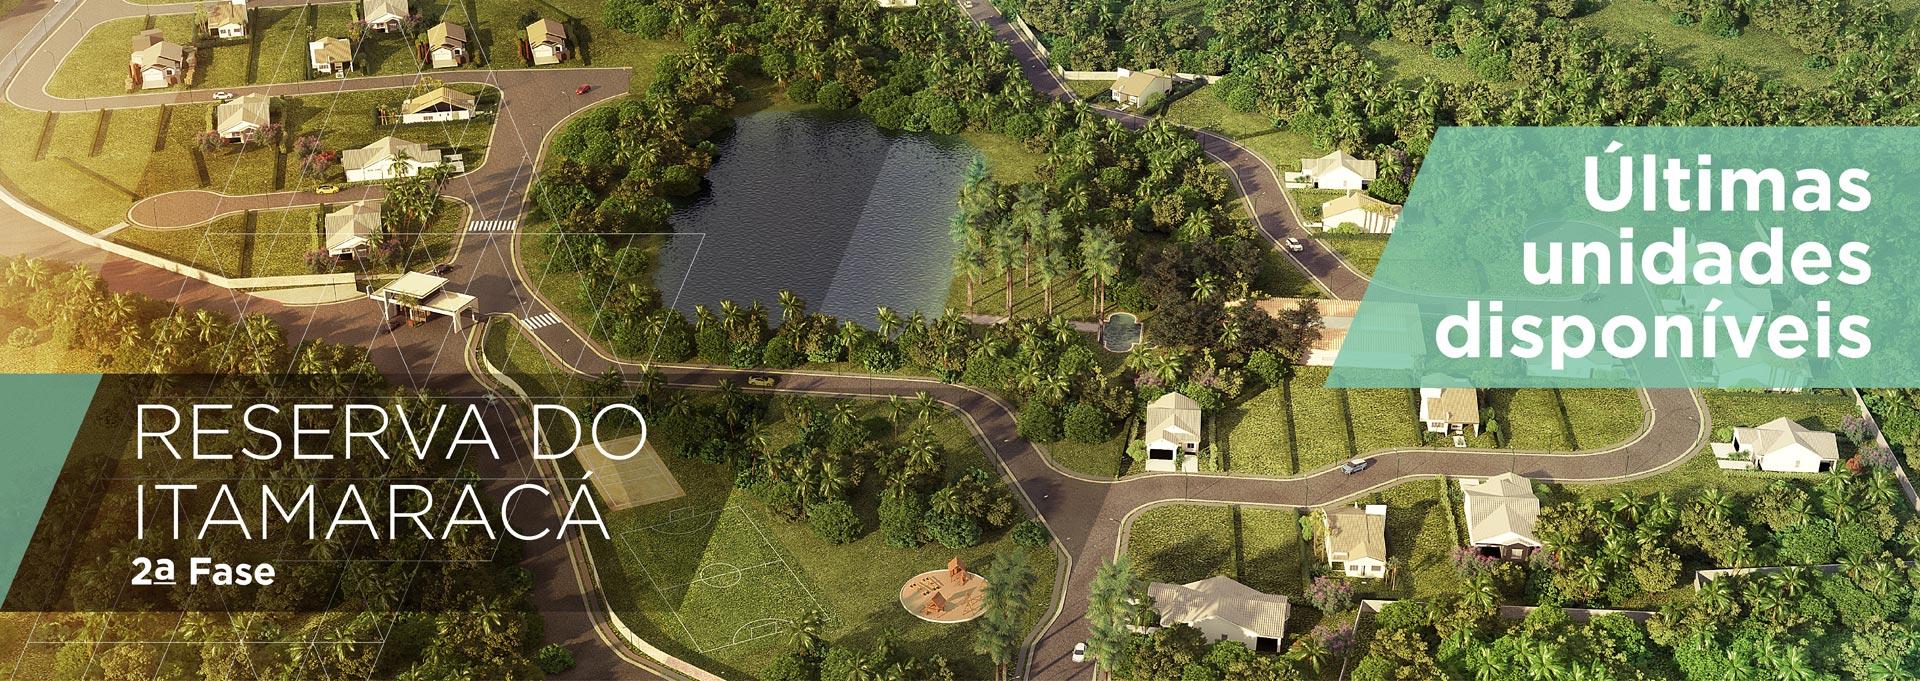 Reserva do Itamaracá